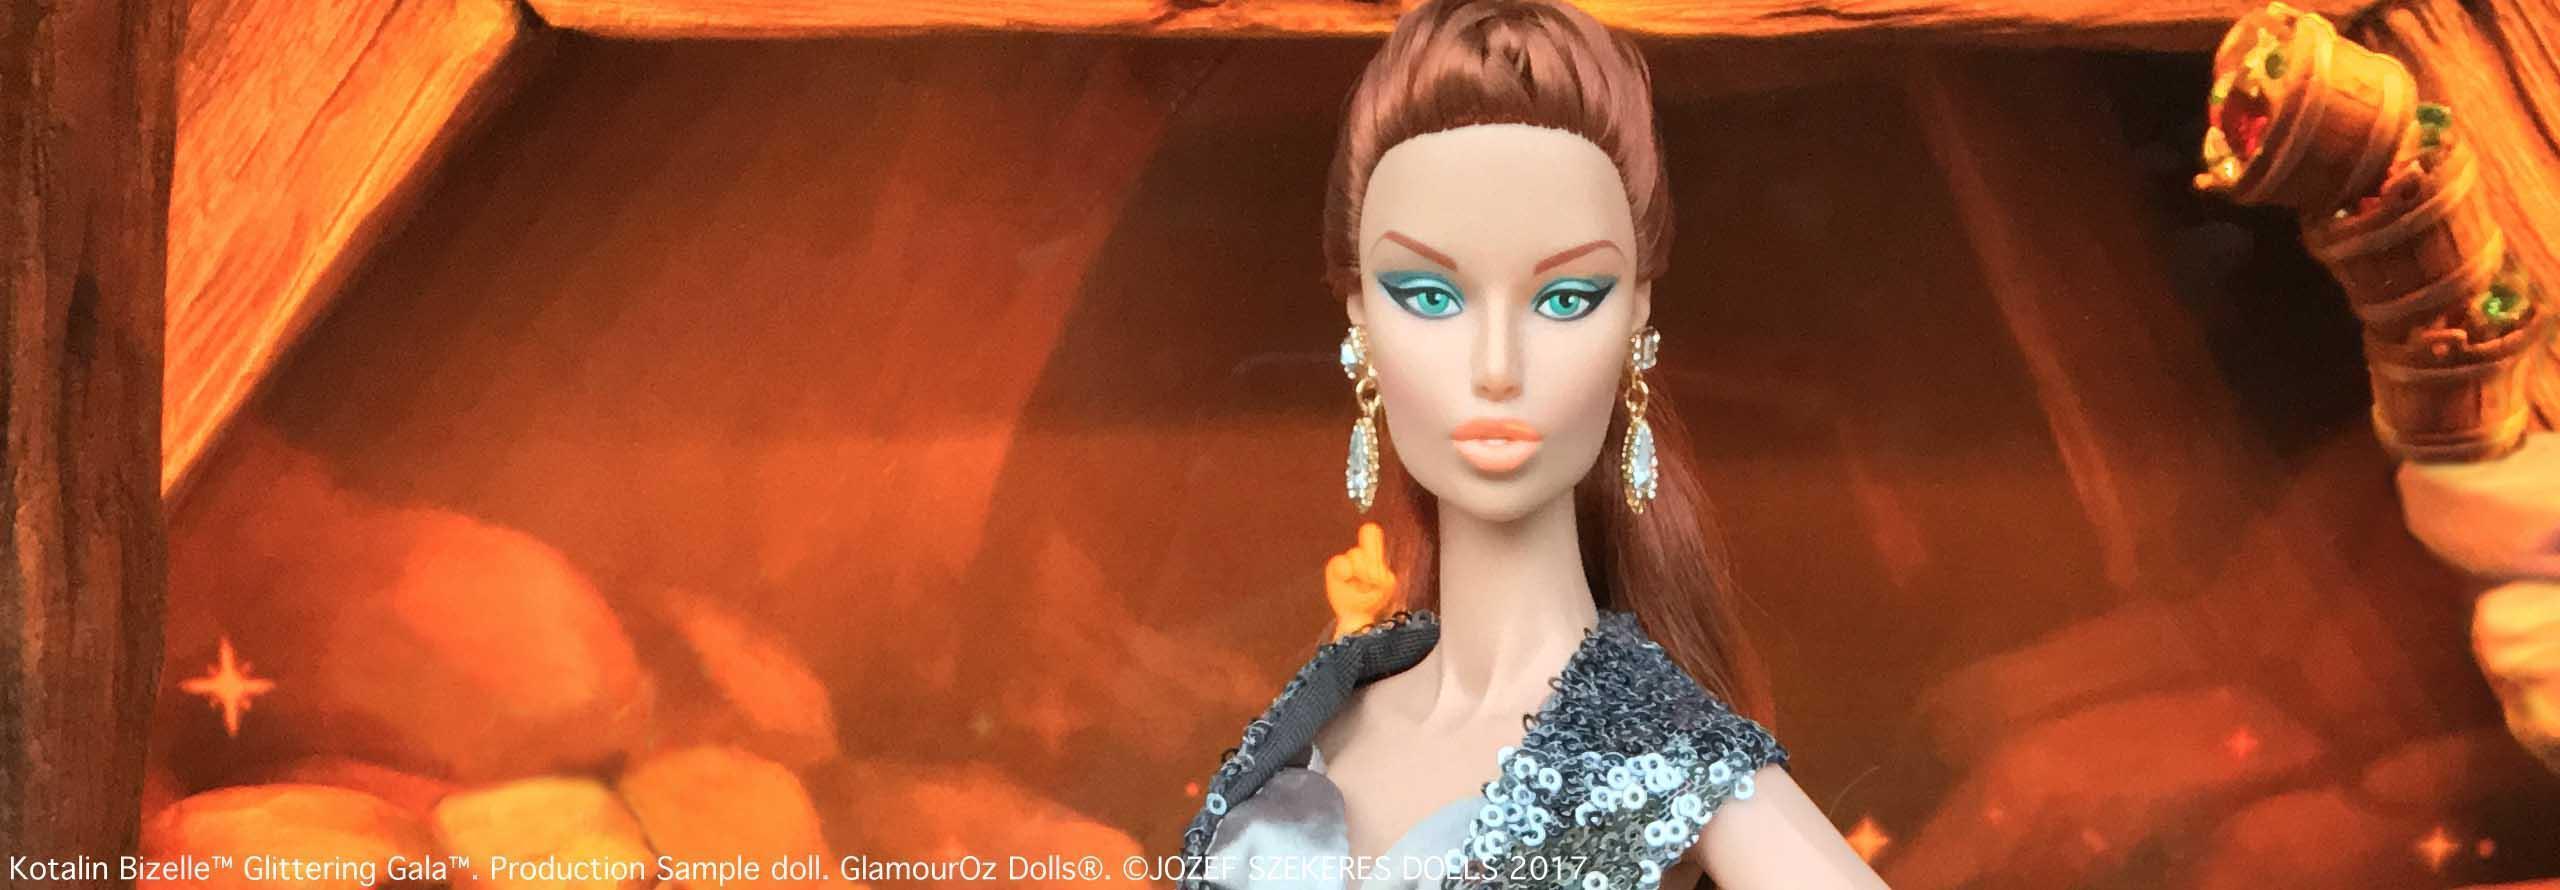 GODs Slider 6.Kotalin Bizelle™ Glittering Gala™. Production Sample doll.